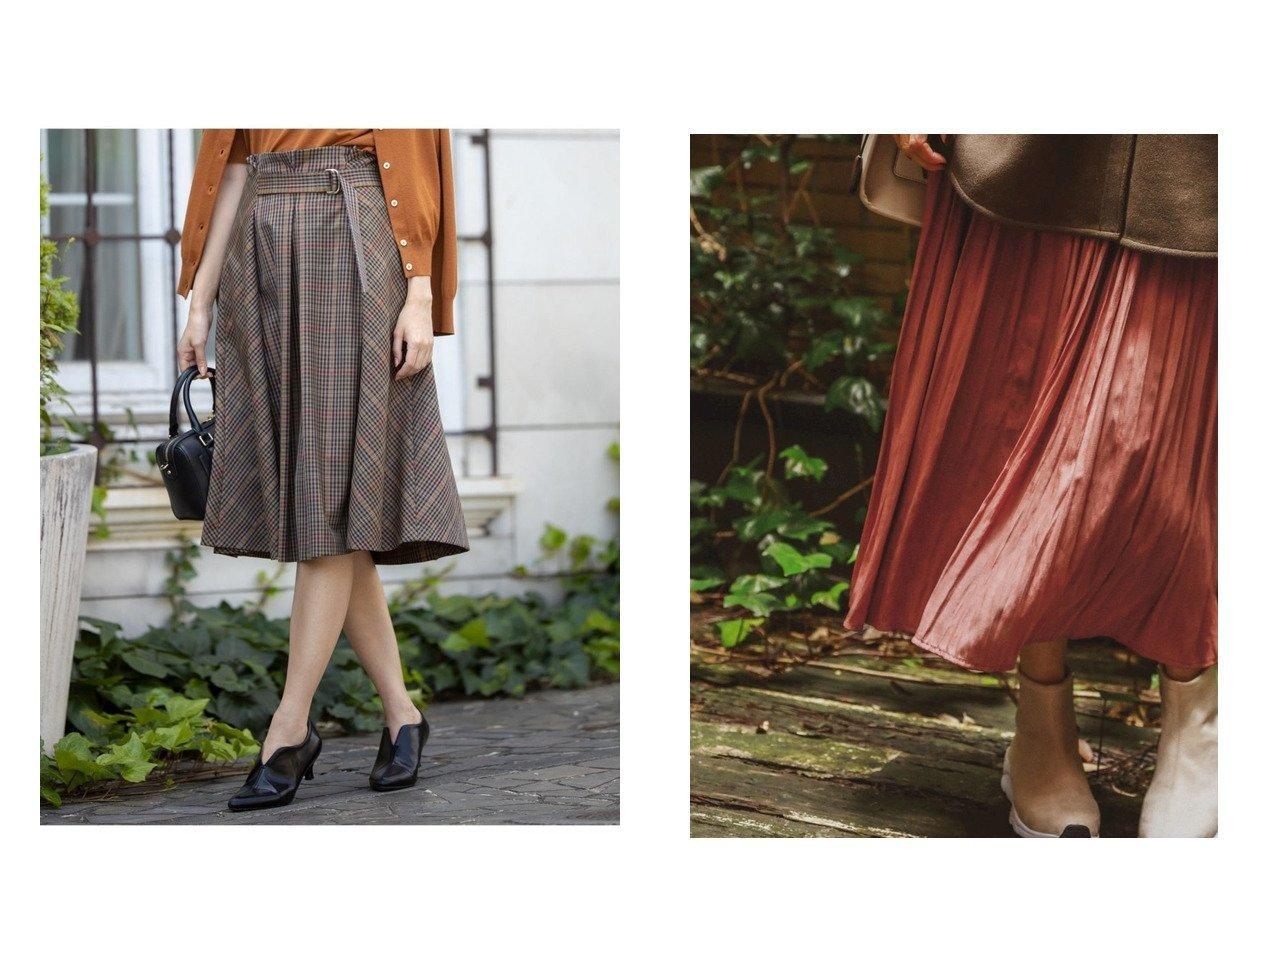 【BAYFLOW/ベイフロー】のプリーツロングSK&【KUMIKYOKU/組曲】の【洗える】W 2wayストレッチ タックスカート スカートのおすすめ!人気、レディースファッションの通販 おすすめで人気のファッション通販商品 インテリア・家具・キッズファッション・メンズファッション・レディースファッション・服の通販 founy(ファニー) https://founy.com/ ファッション Fashion レディース WOMEN スカート Skirt プリーツスカート Pleated Skirts A/W 秋冬 Autumn &  Winter クラシカル ストレッチ チェック ハーフ バイアス ベーシック 無地 秋  ID:crp329100000005318